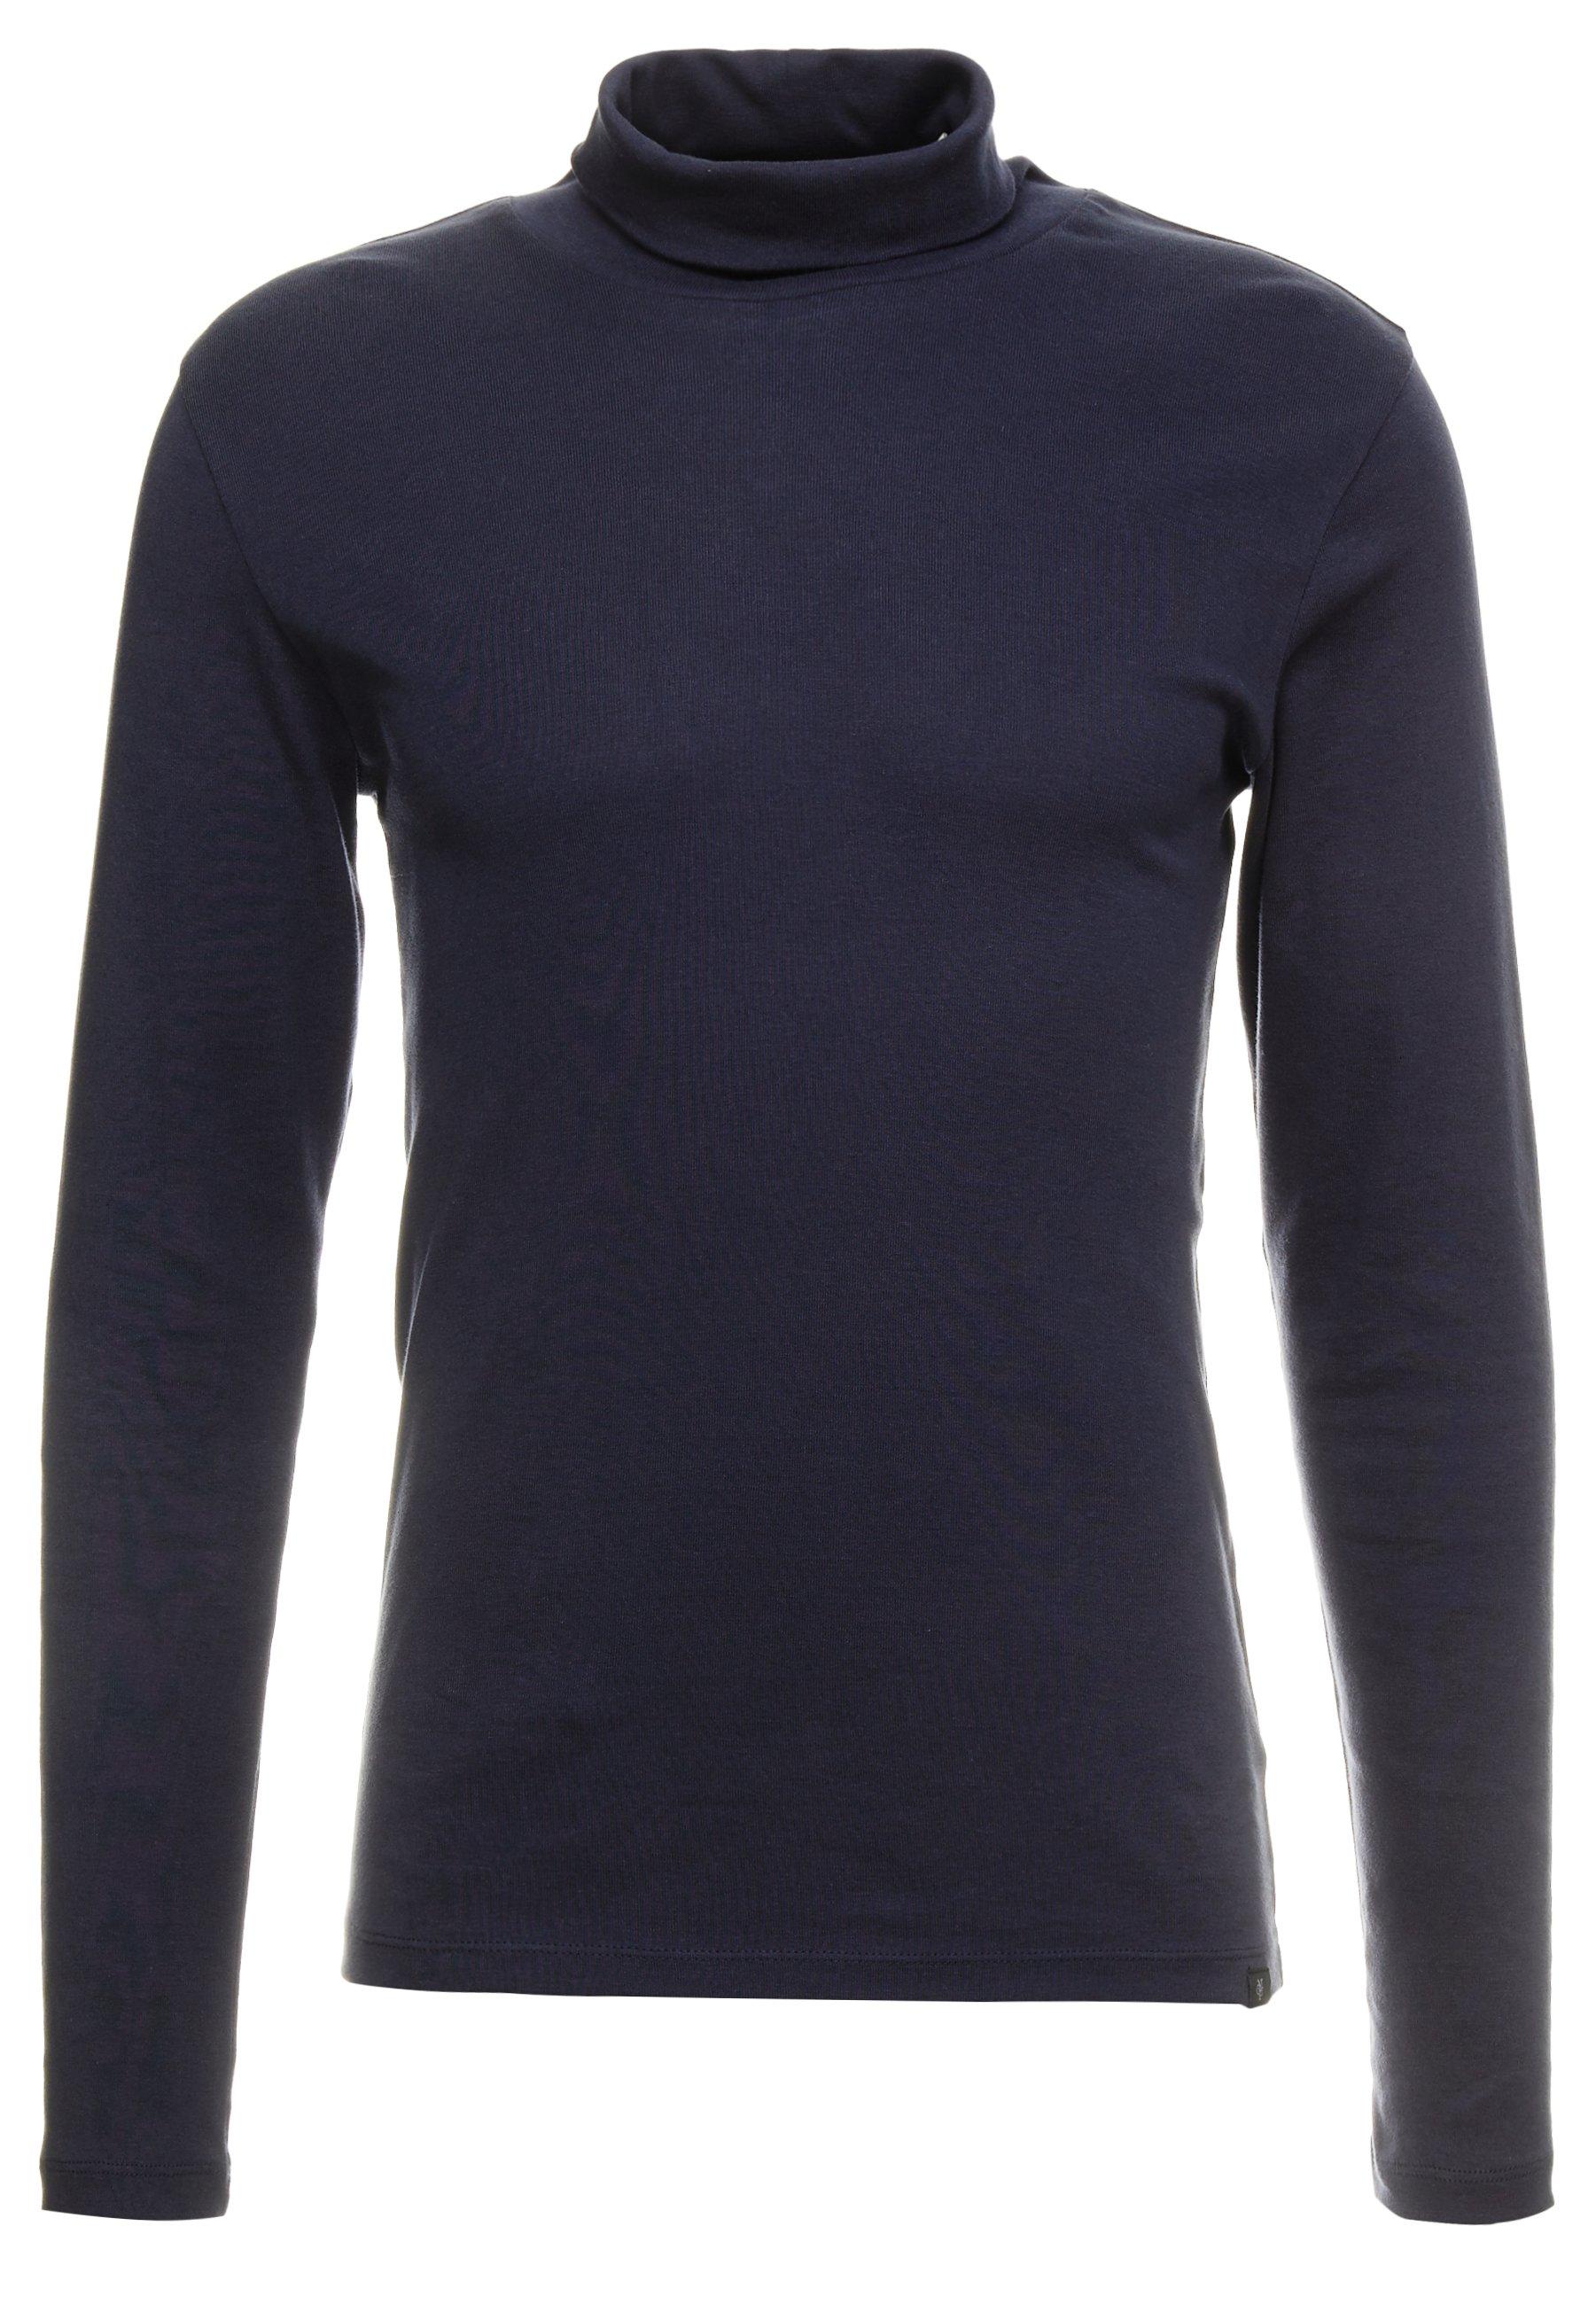 Marc O'Polo Kläder: Köp upp till −51% | Stylight